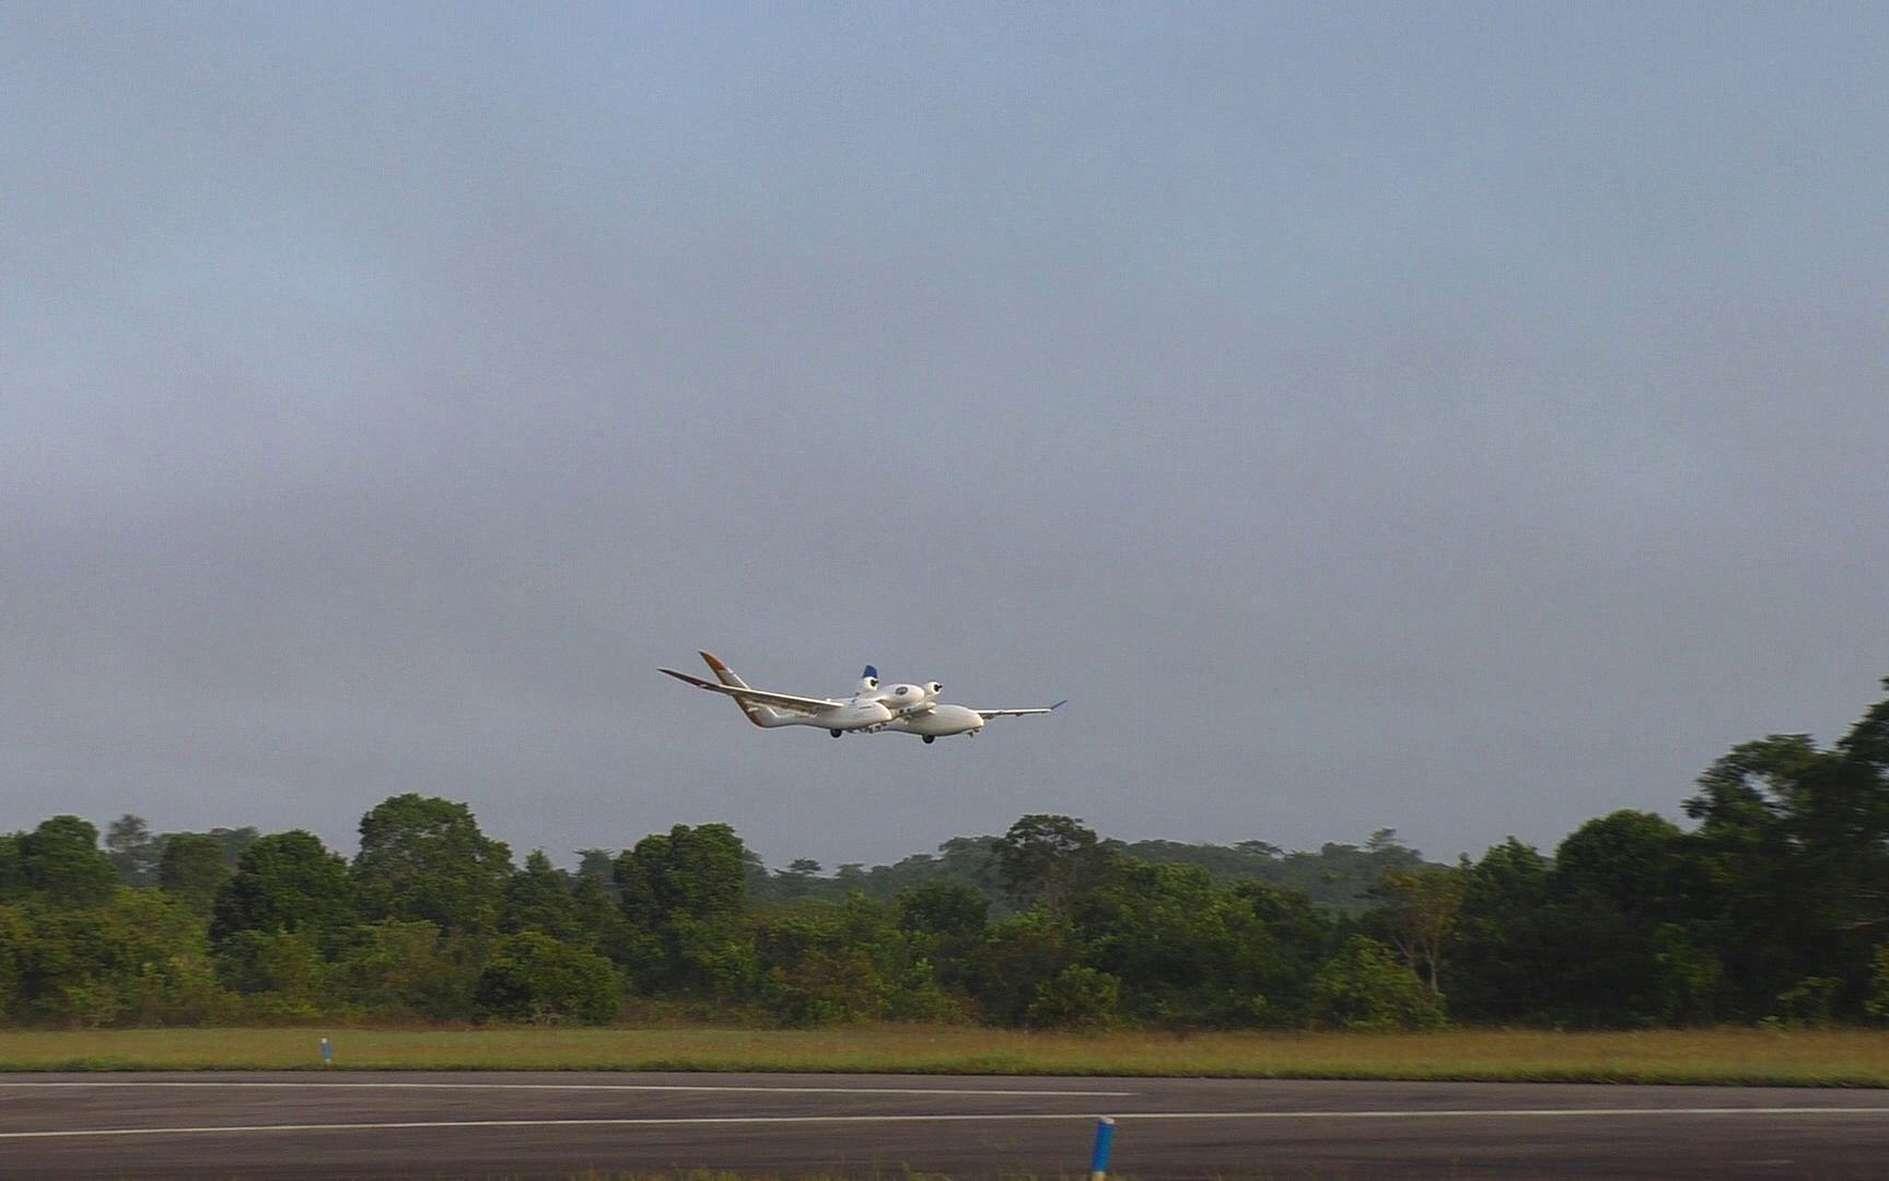 Vol d'essai à Kourou, au Centre spatial guyanais, du concept de lanceur semi-réutilisable Altaïr de l'Onera. © Cnes